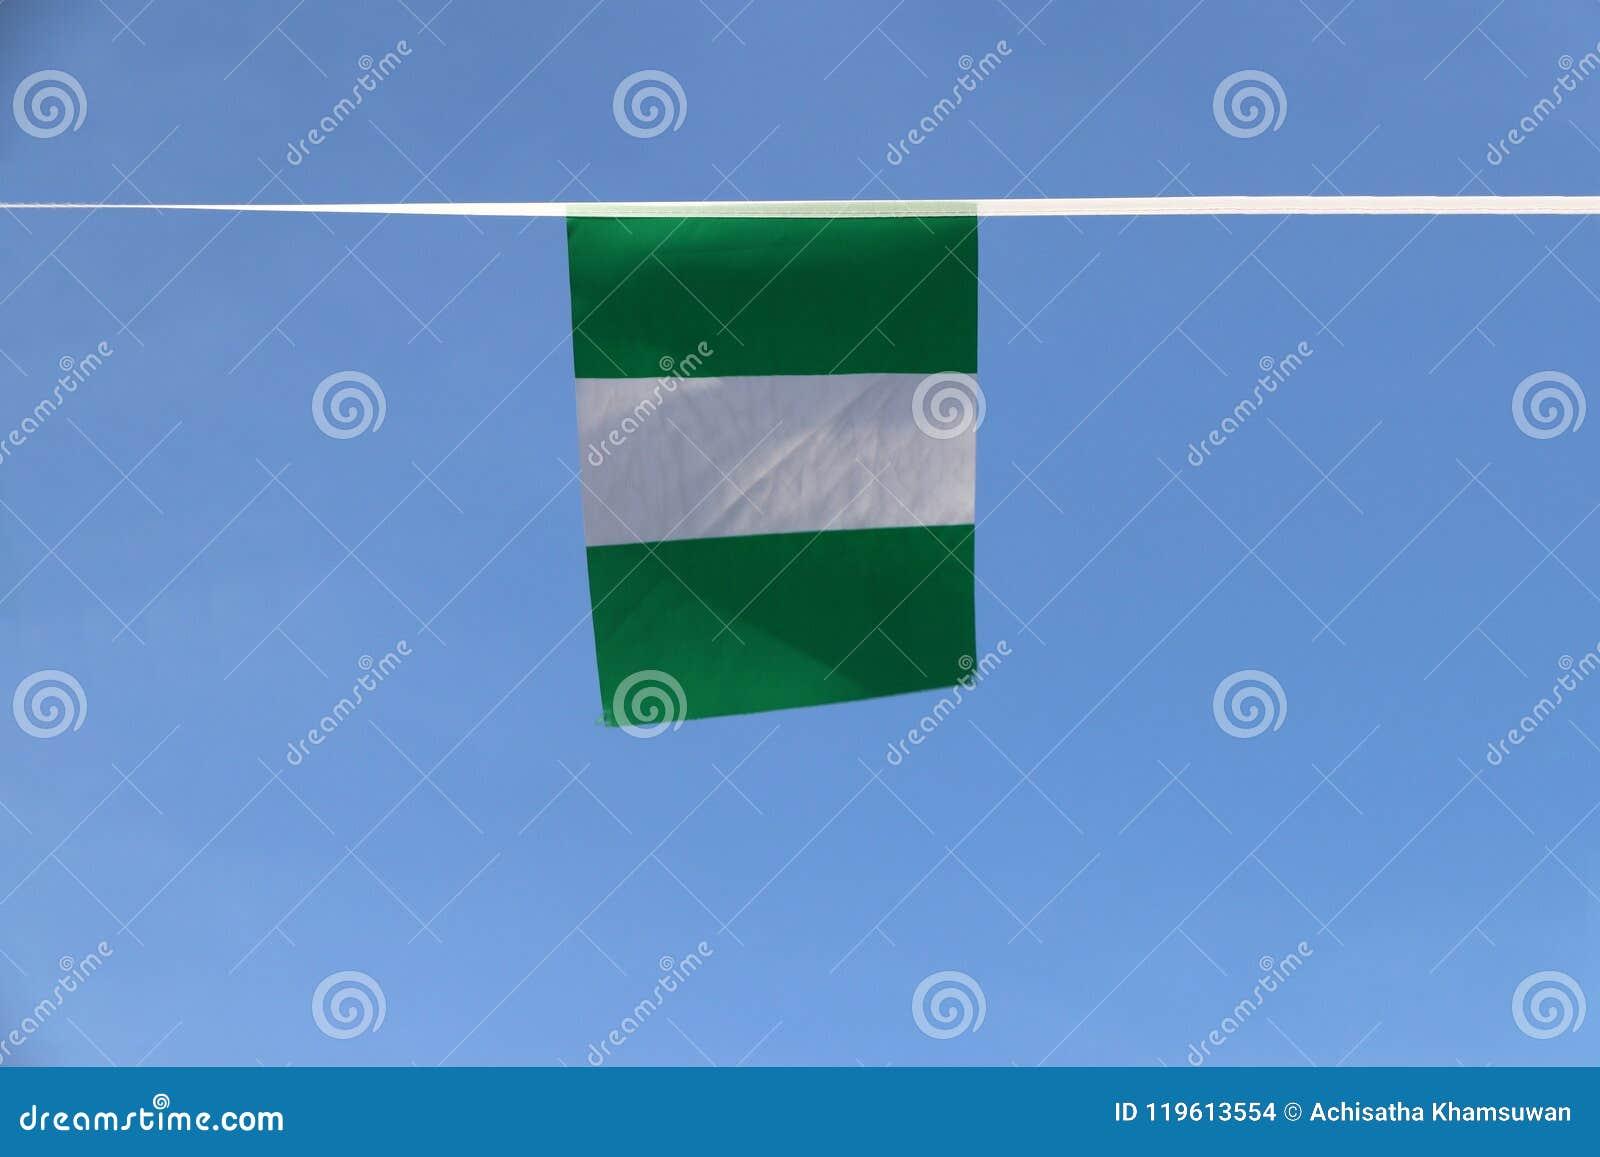 Η μίνι σημαία ραγών υφάσματος της Νιγηρίας, η σημαία έχει τρεις κάθετες ζώνες πράσινου, άσπρος, πράσινος